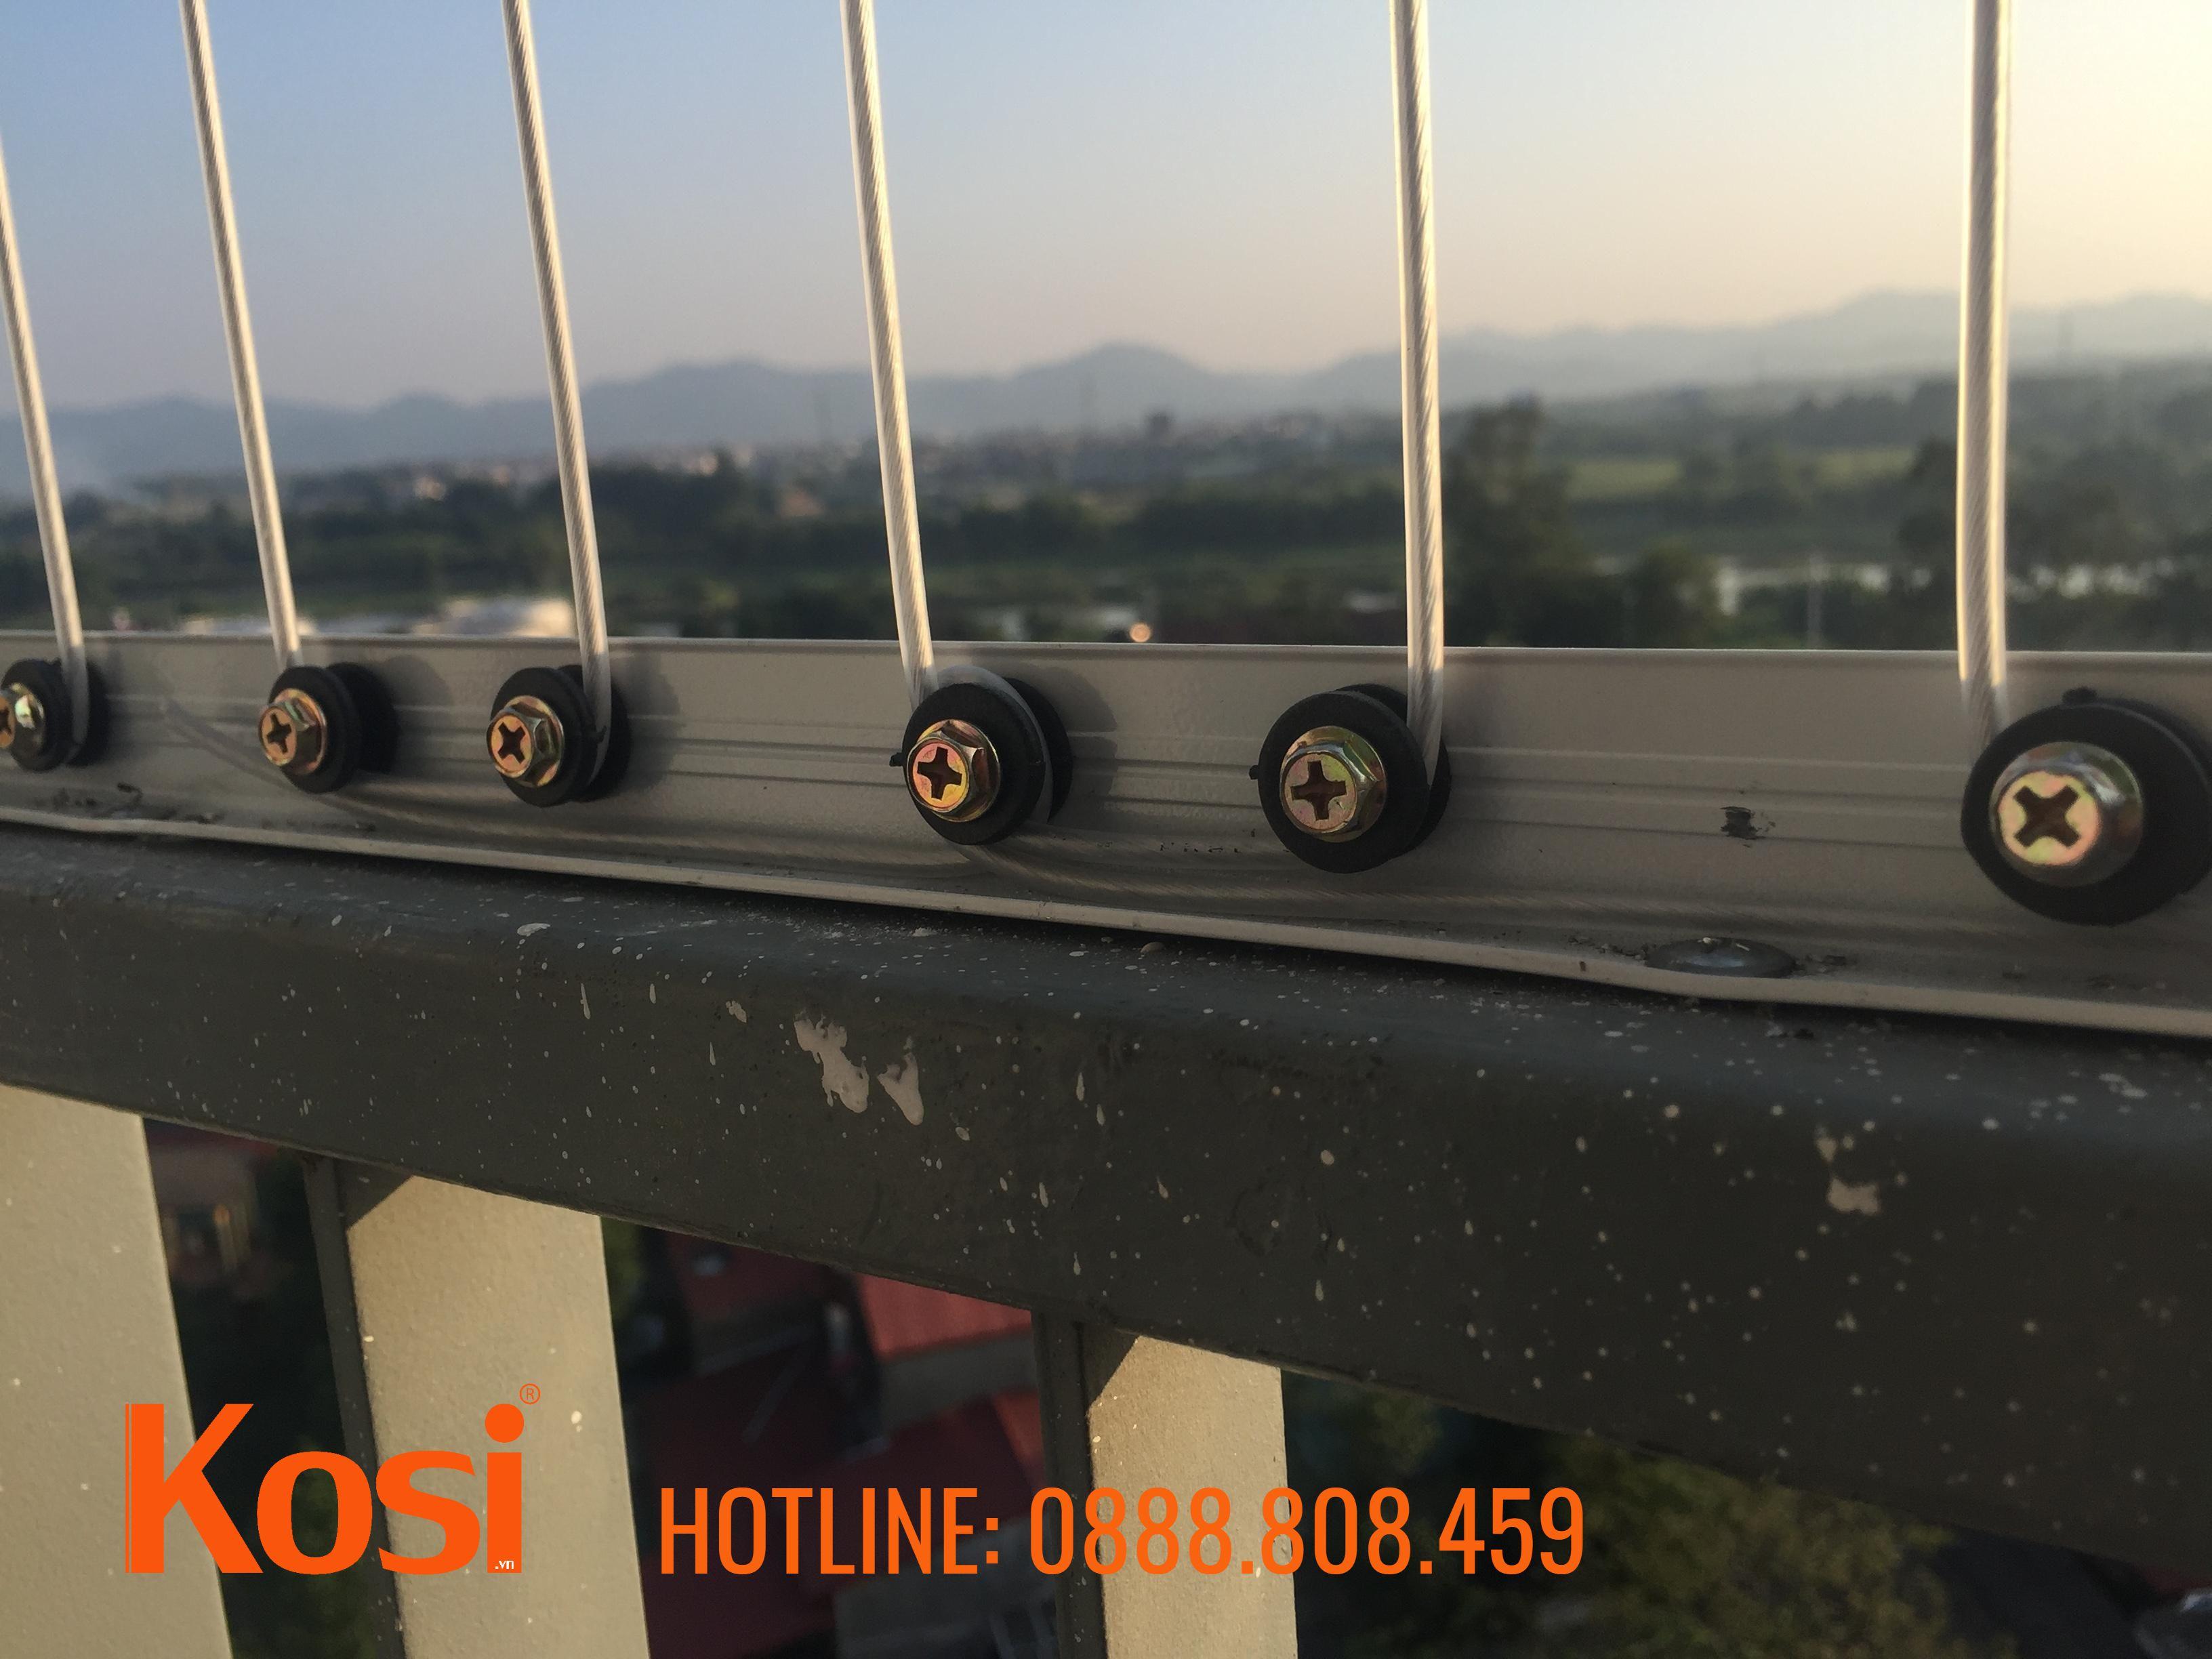 Một số hình ảnh lắp lưới an toàn ban công tại Hà Nội 1